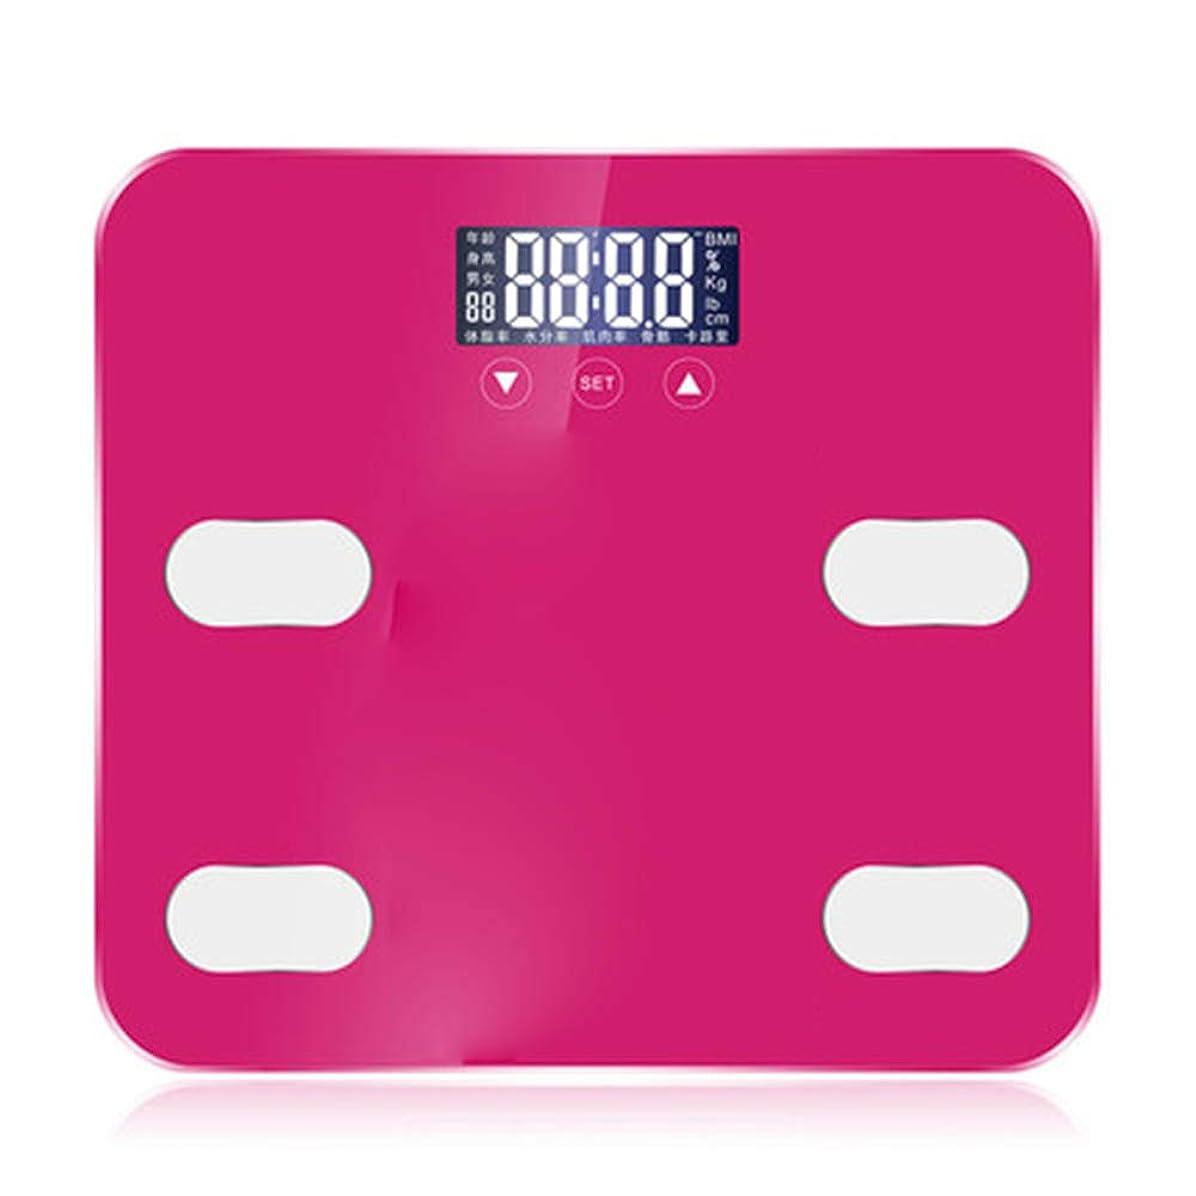 志す若さおなじみのバスルームスケール滑り止め超薄型バックライトディスプレイ高精度デジタル体重体脂肪計